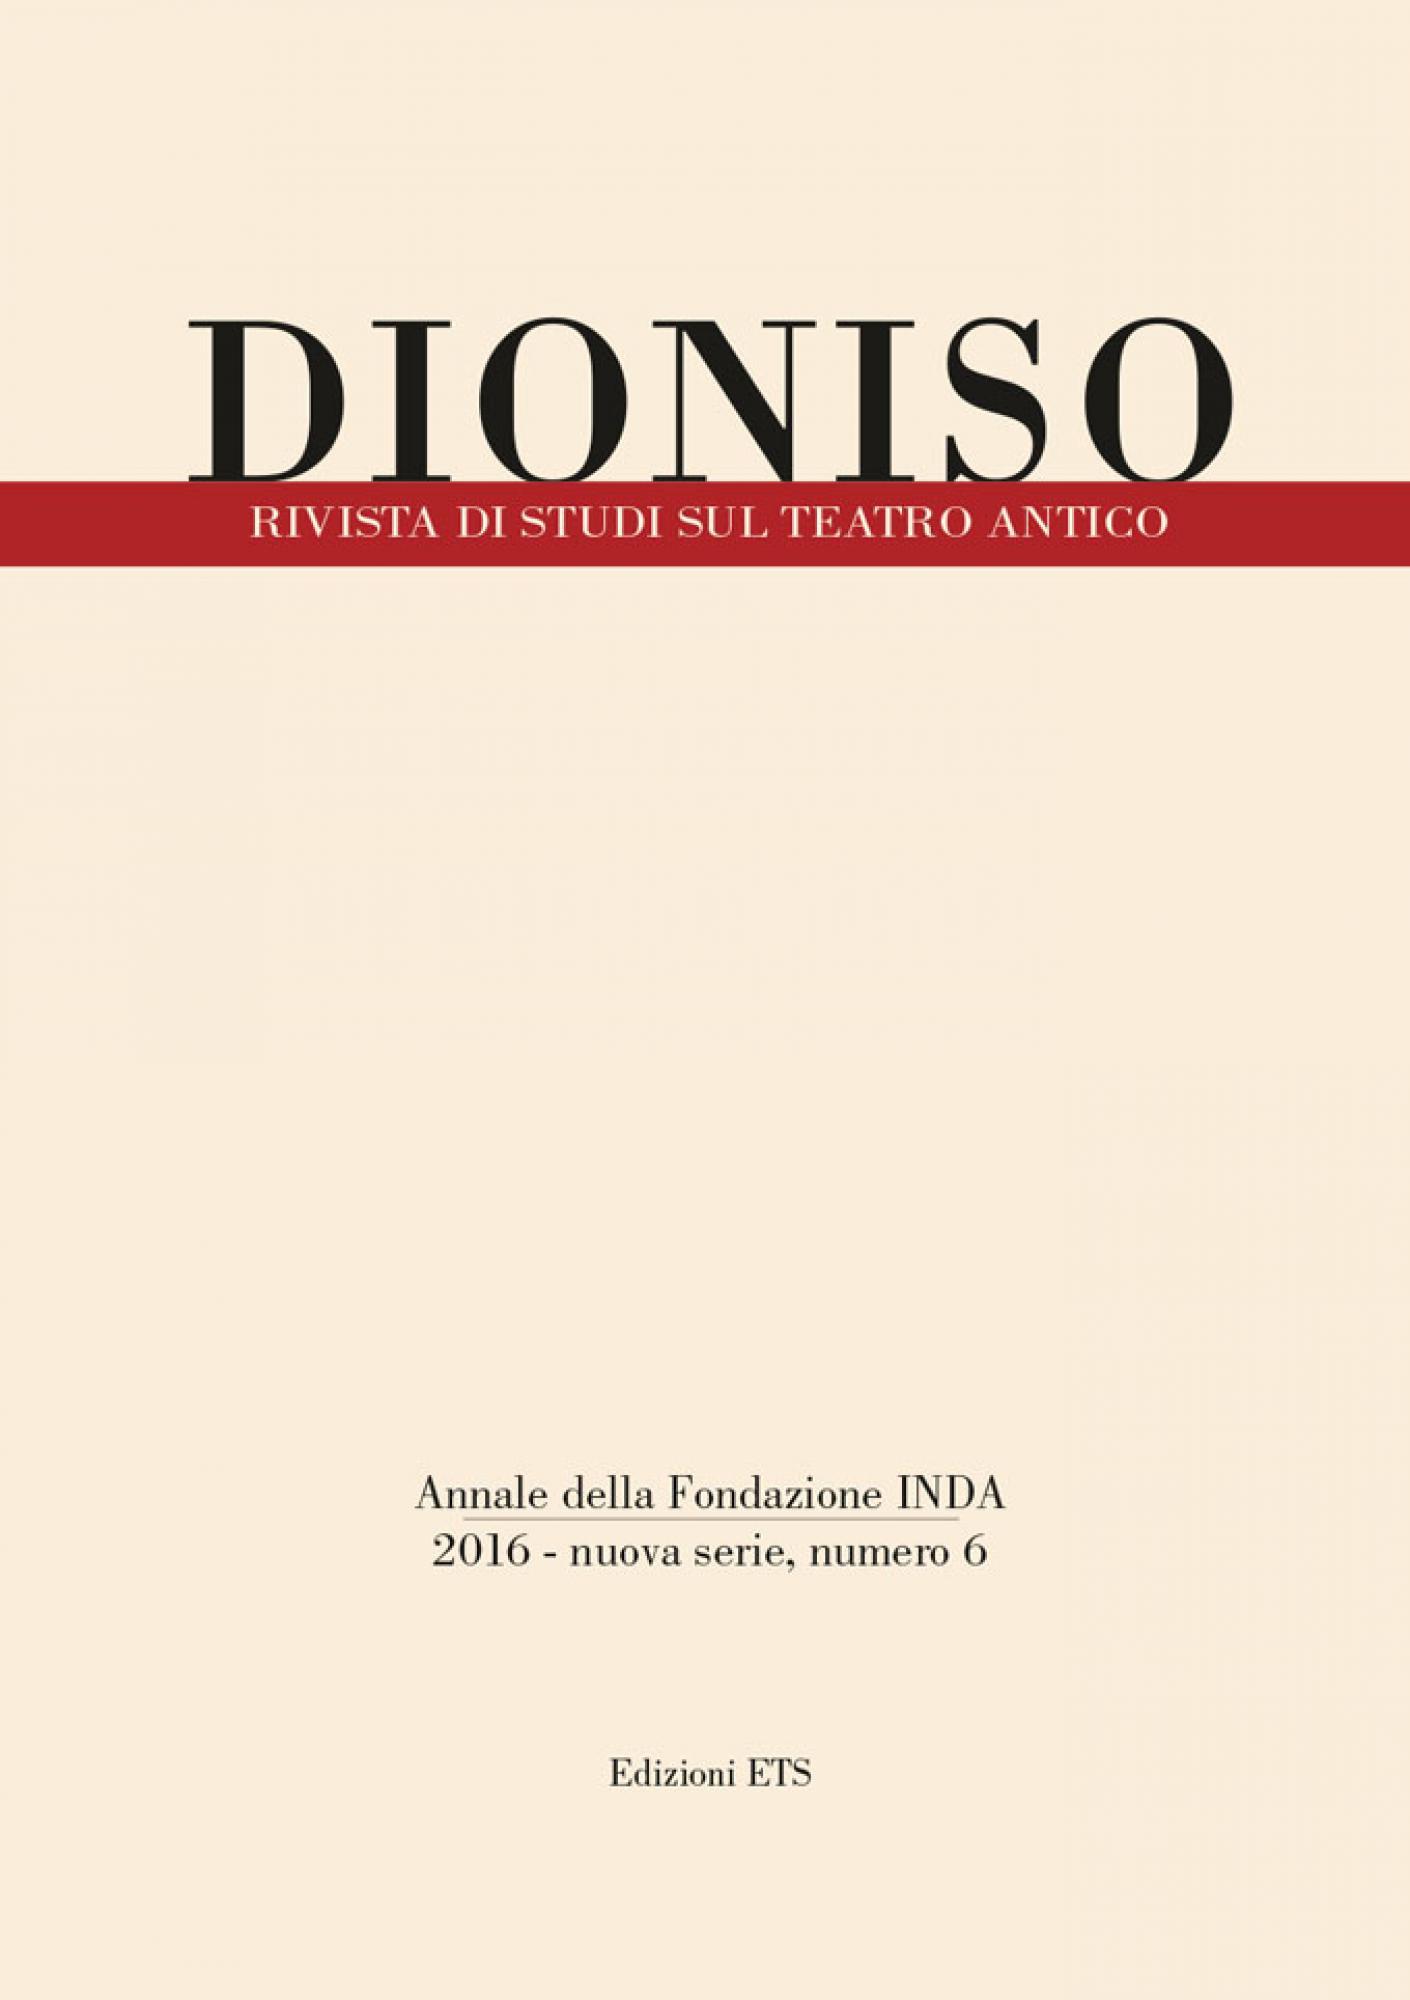 Dioniso.Rivista di studi sul teatro antico, n.s. 6